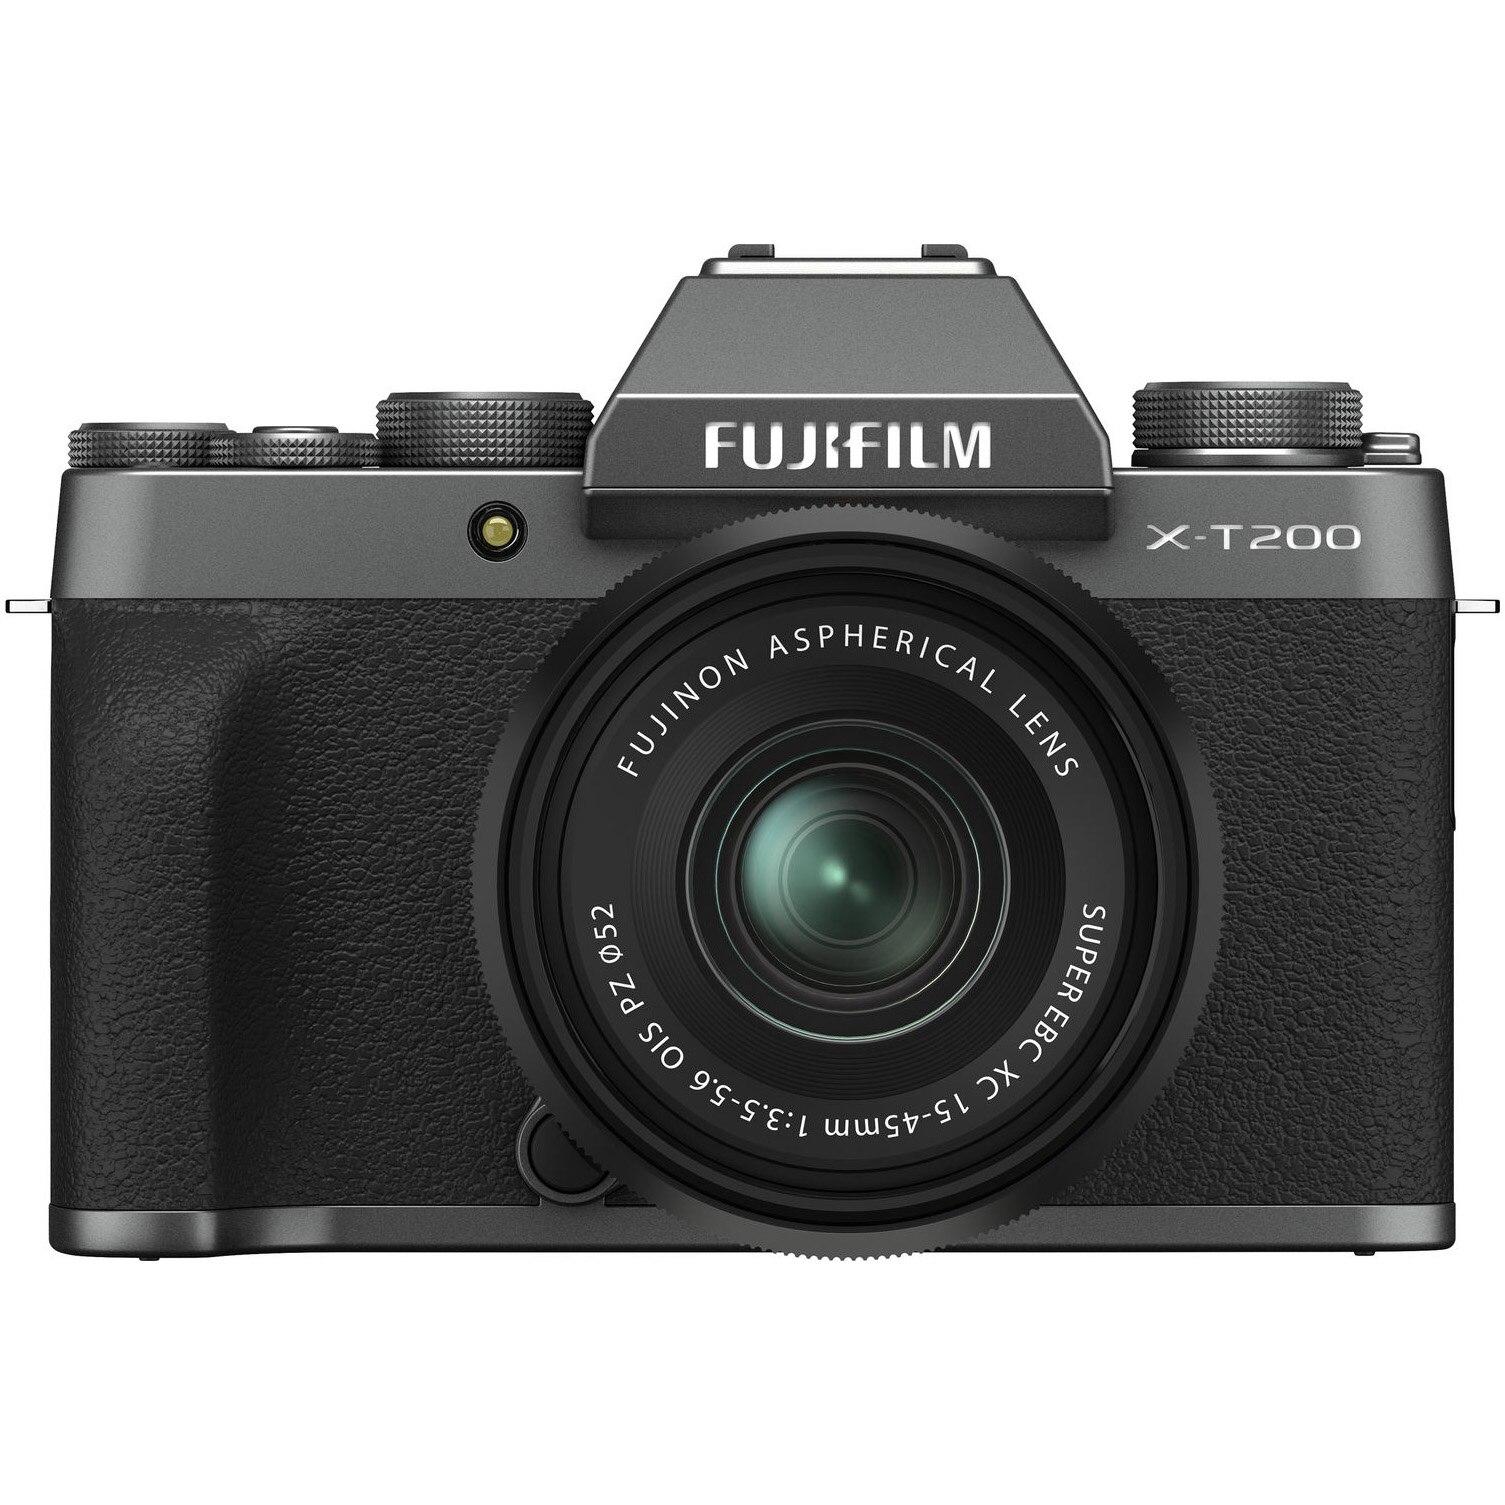 Fotografie Aparat foto Mirrorless Fujifilm X-T200, 24.2 MP, 4K, Dark Silver + Obiectiv XC 15-45 mm